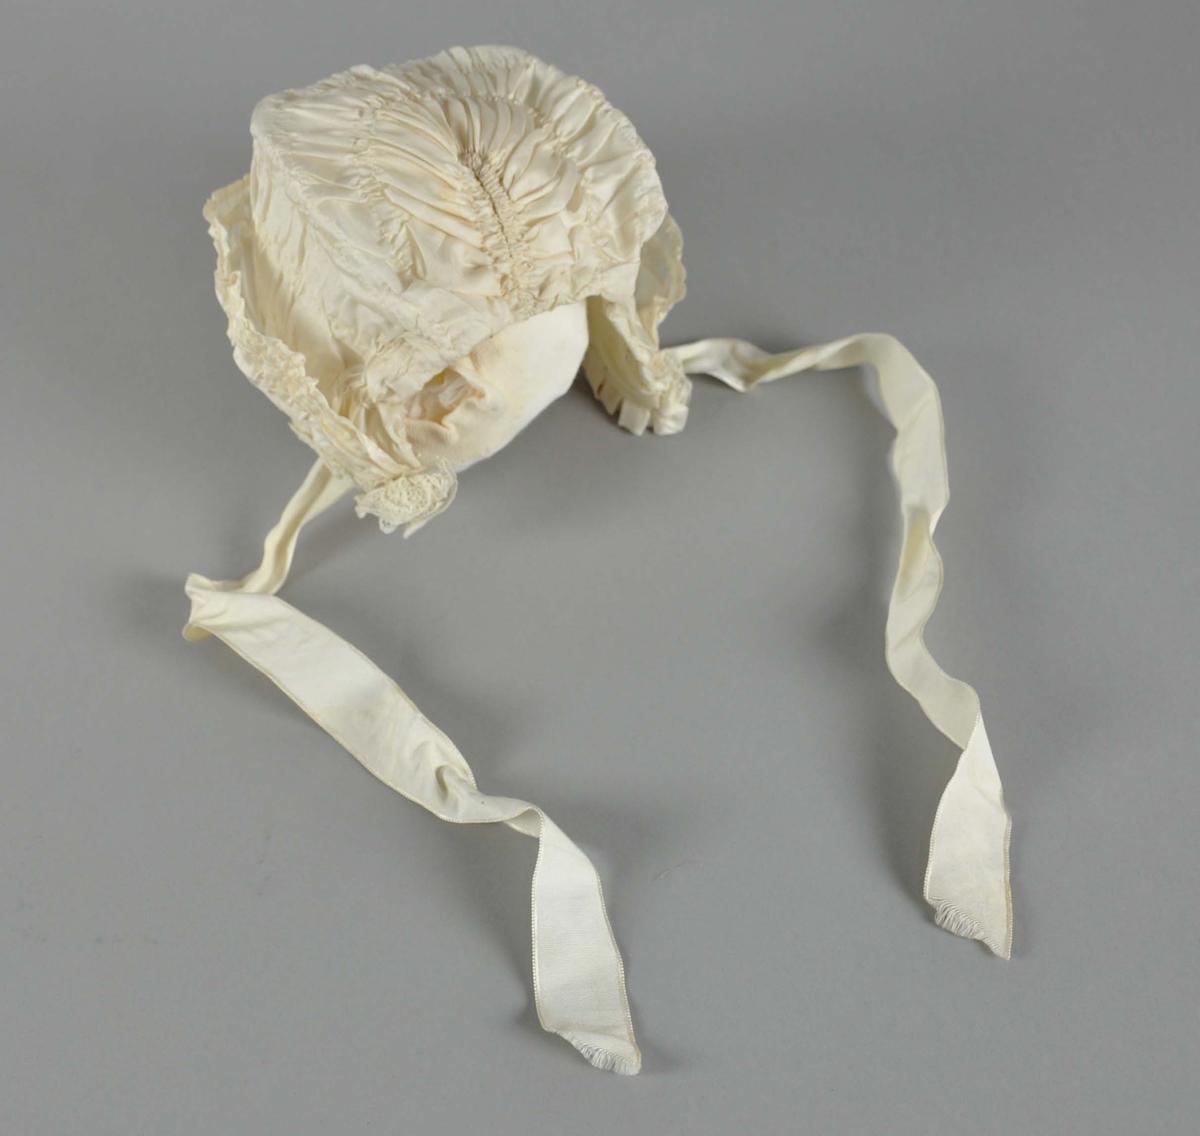 Hvit dåpslue med foldelagt stoff og blonder. Luen har påsydde knyttebånd ved sidene.